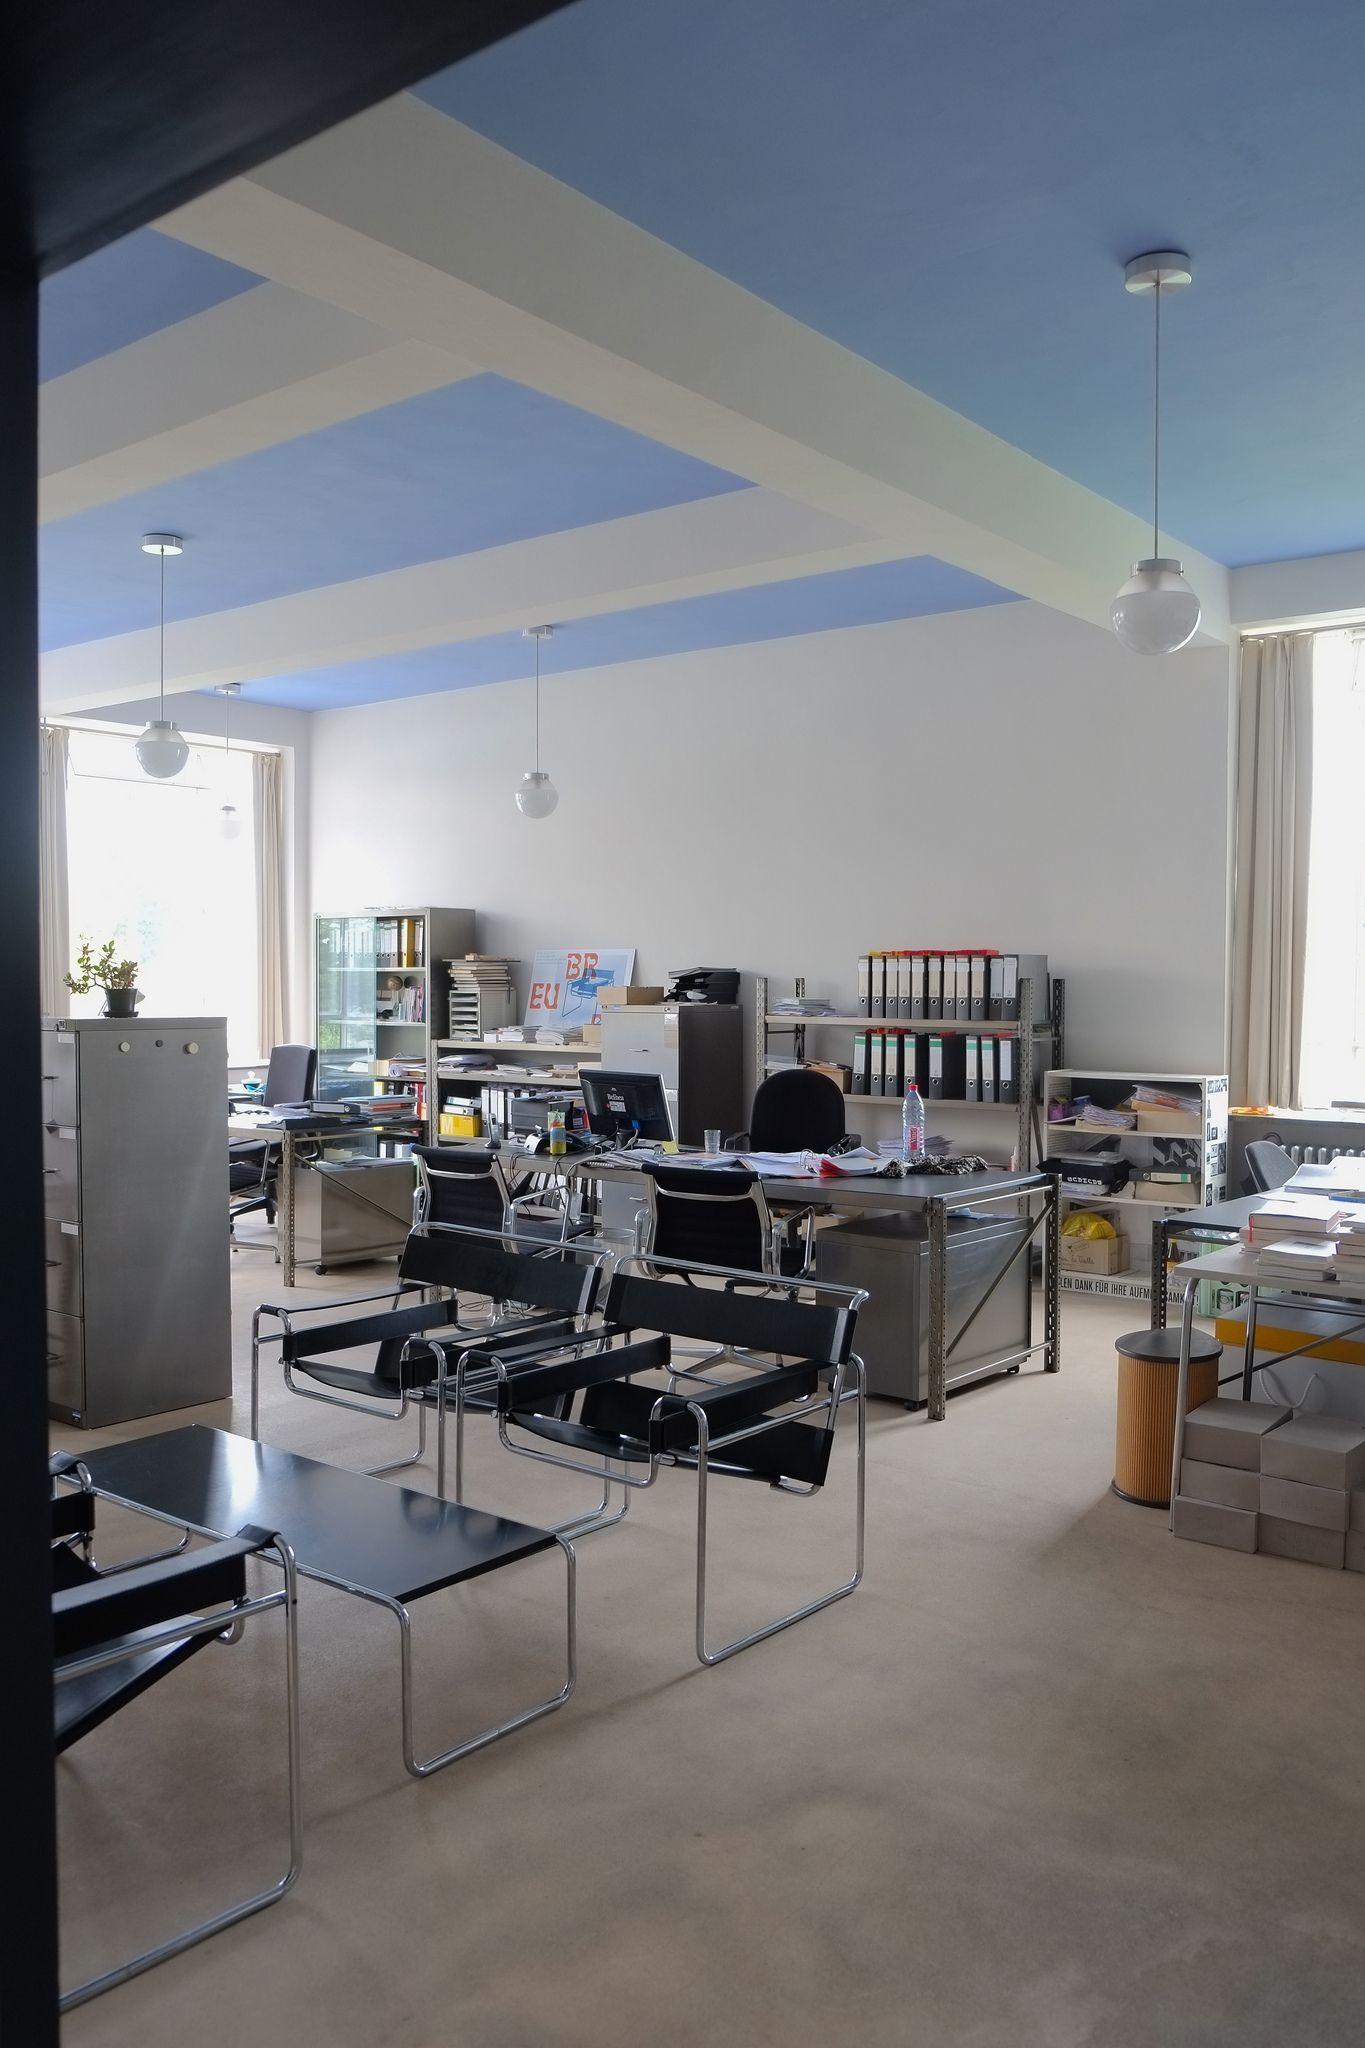 bauhaus / dessau in 2020 Bauhaus interior, Bauhaus